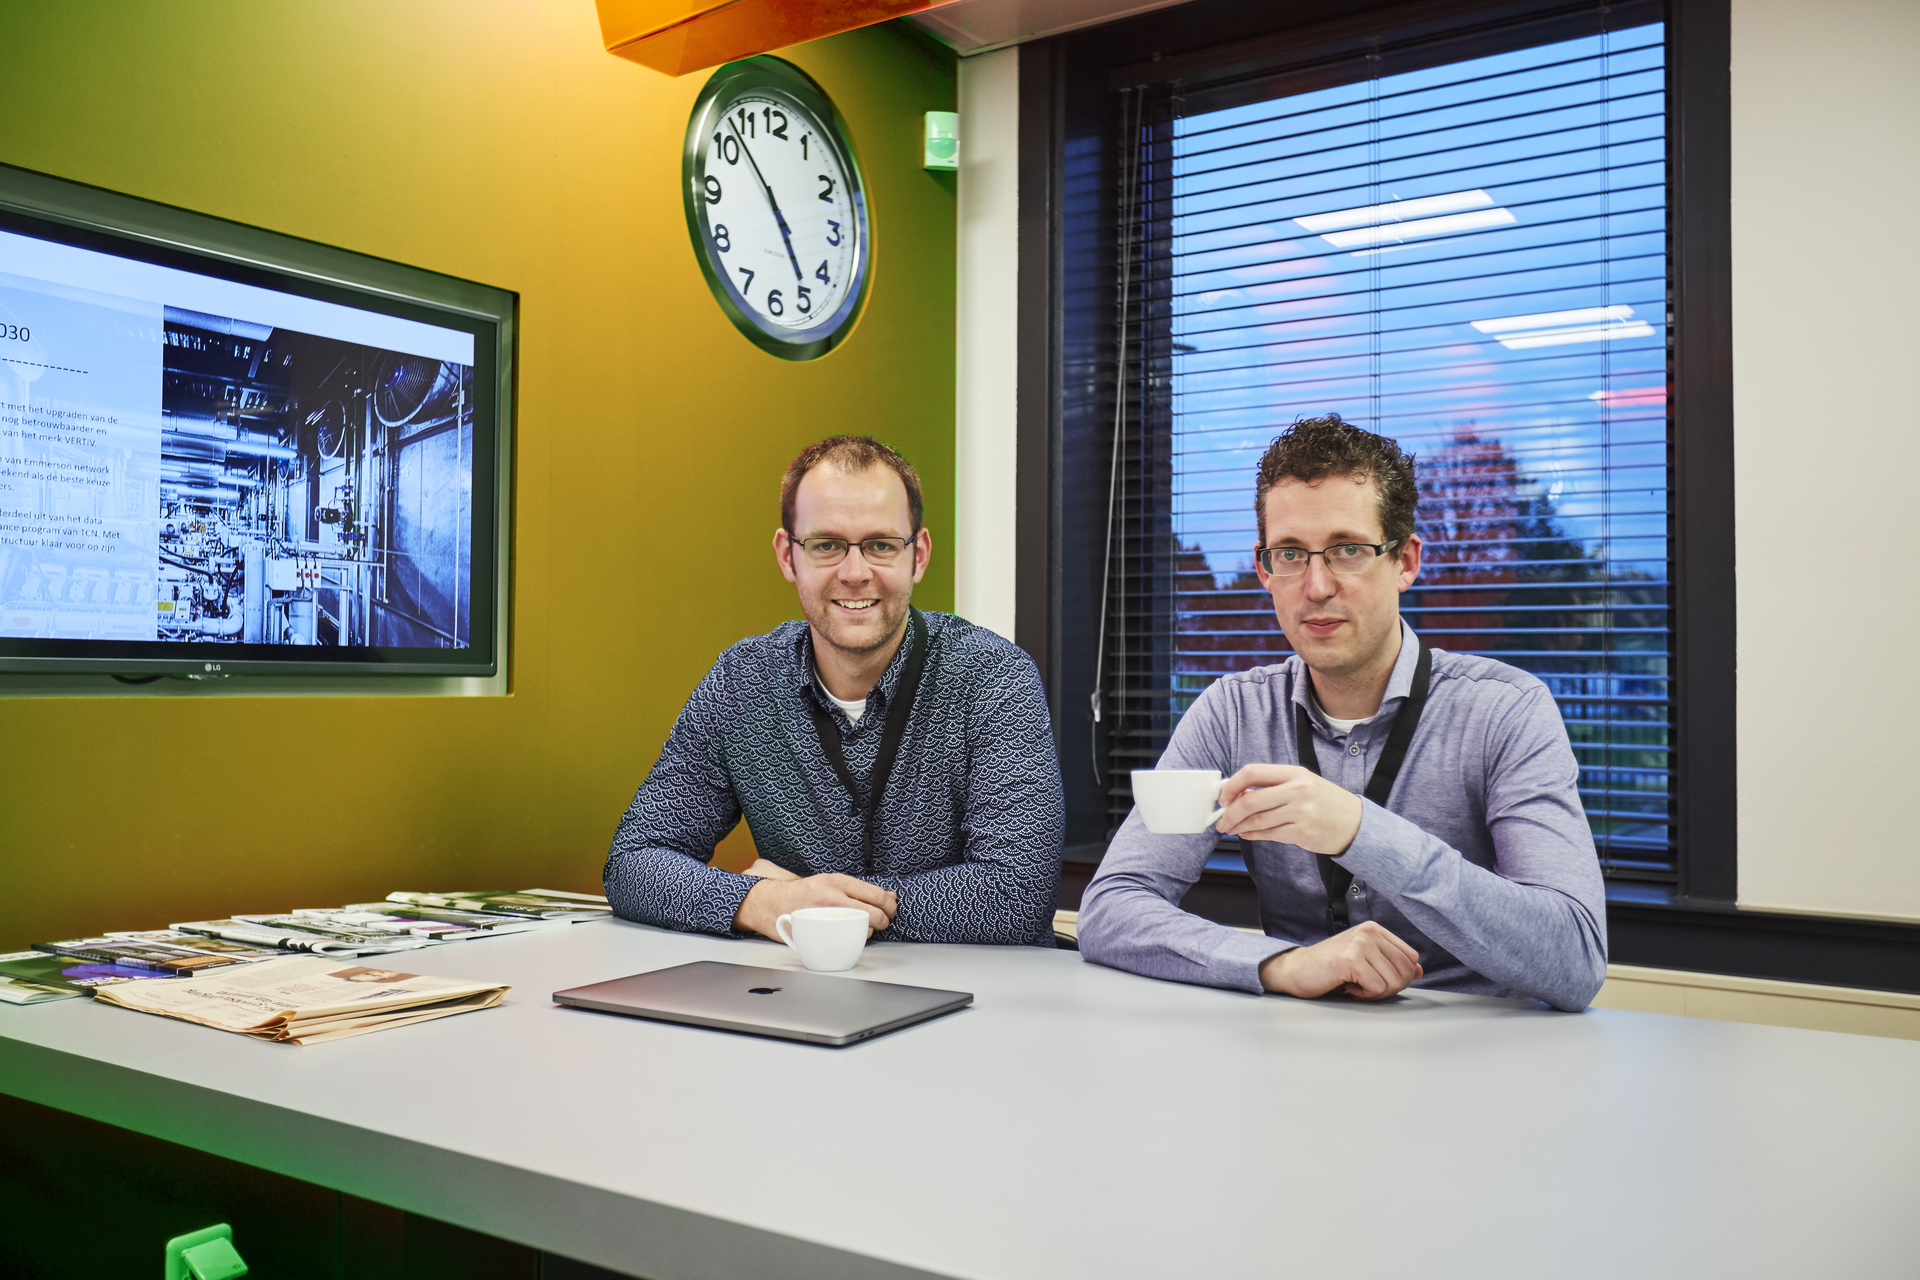 Durk en Matthijs met een kopje koffie